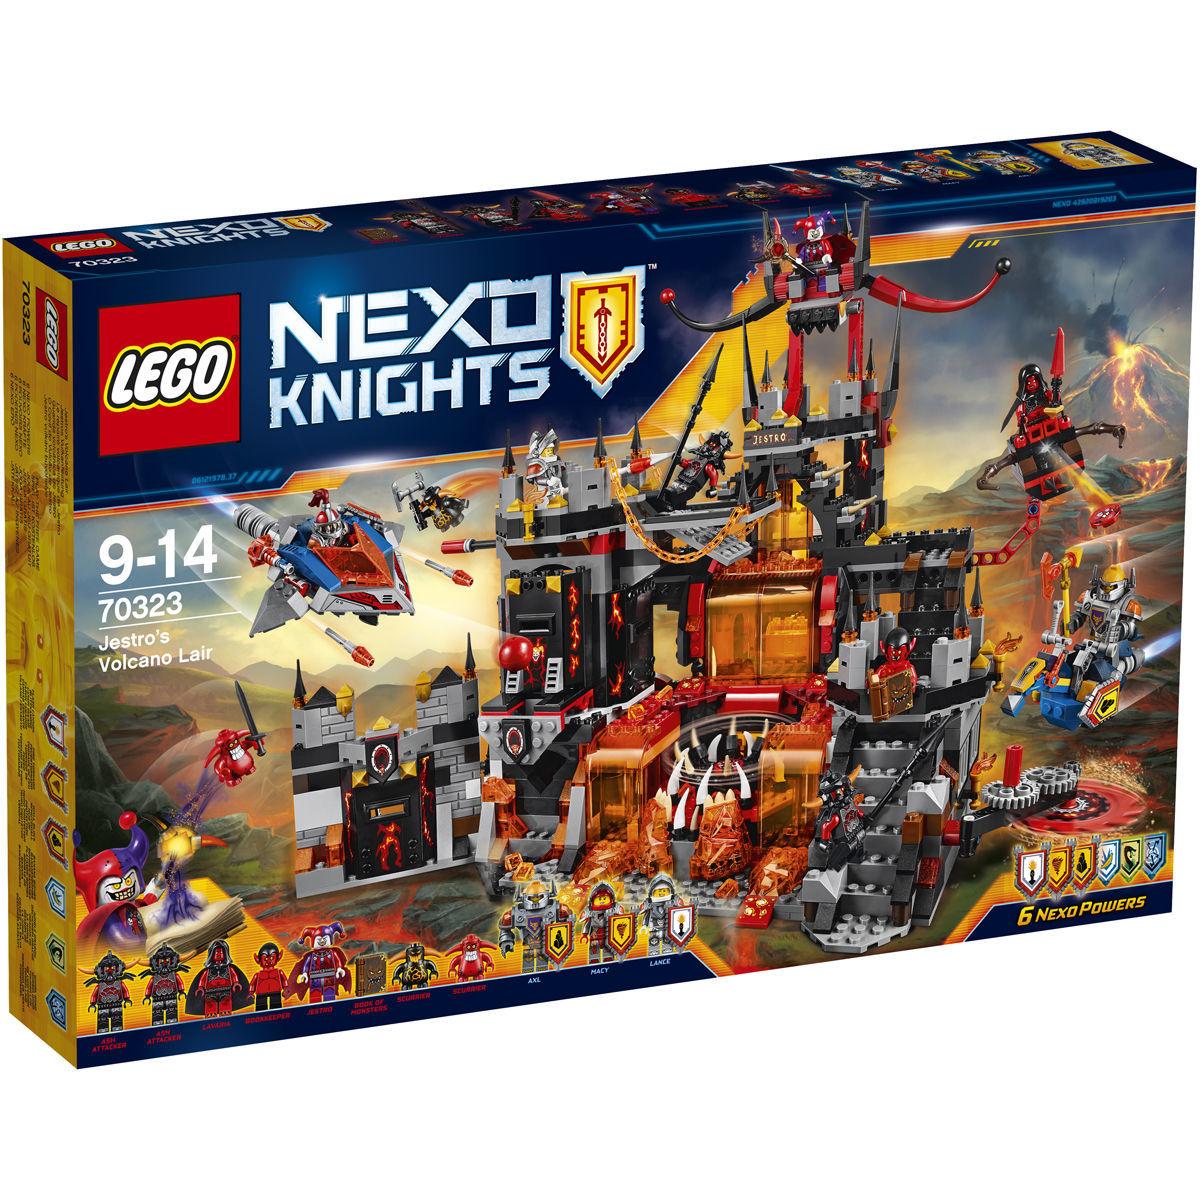 LEGO Sets im Angebot bei [Karstadt] z.B. Lego 70323 Nexo Knights Jestros Vulkanfestung